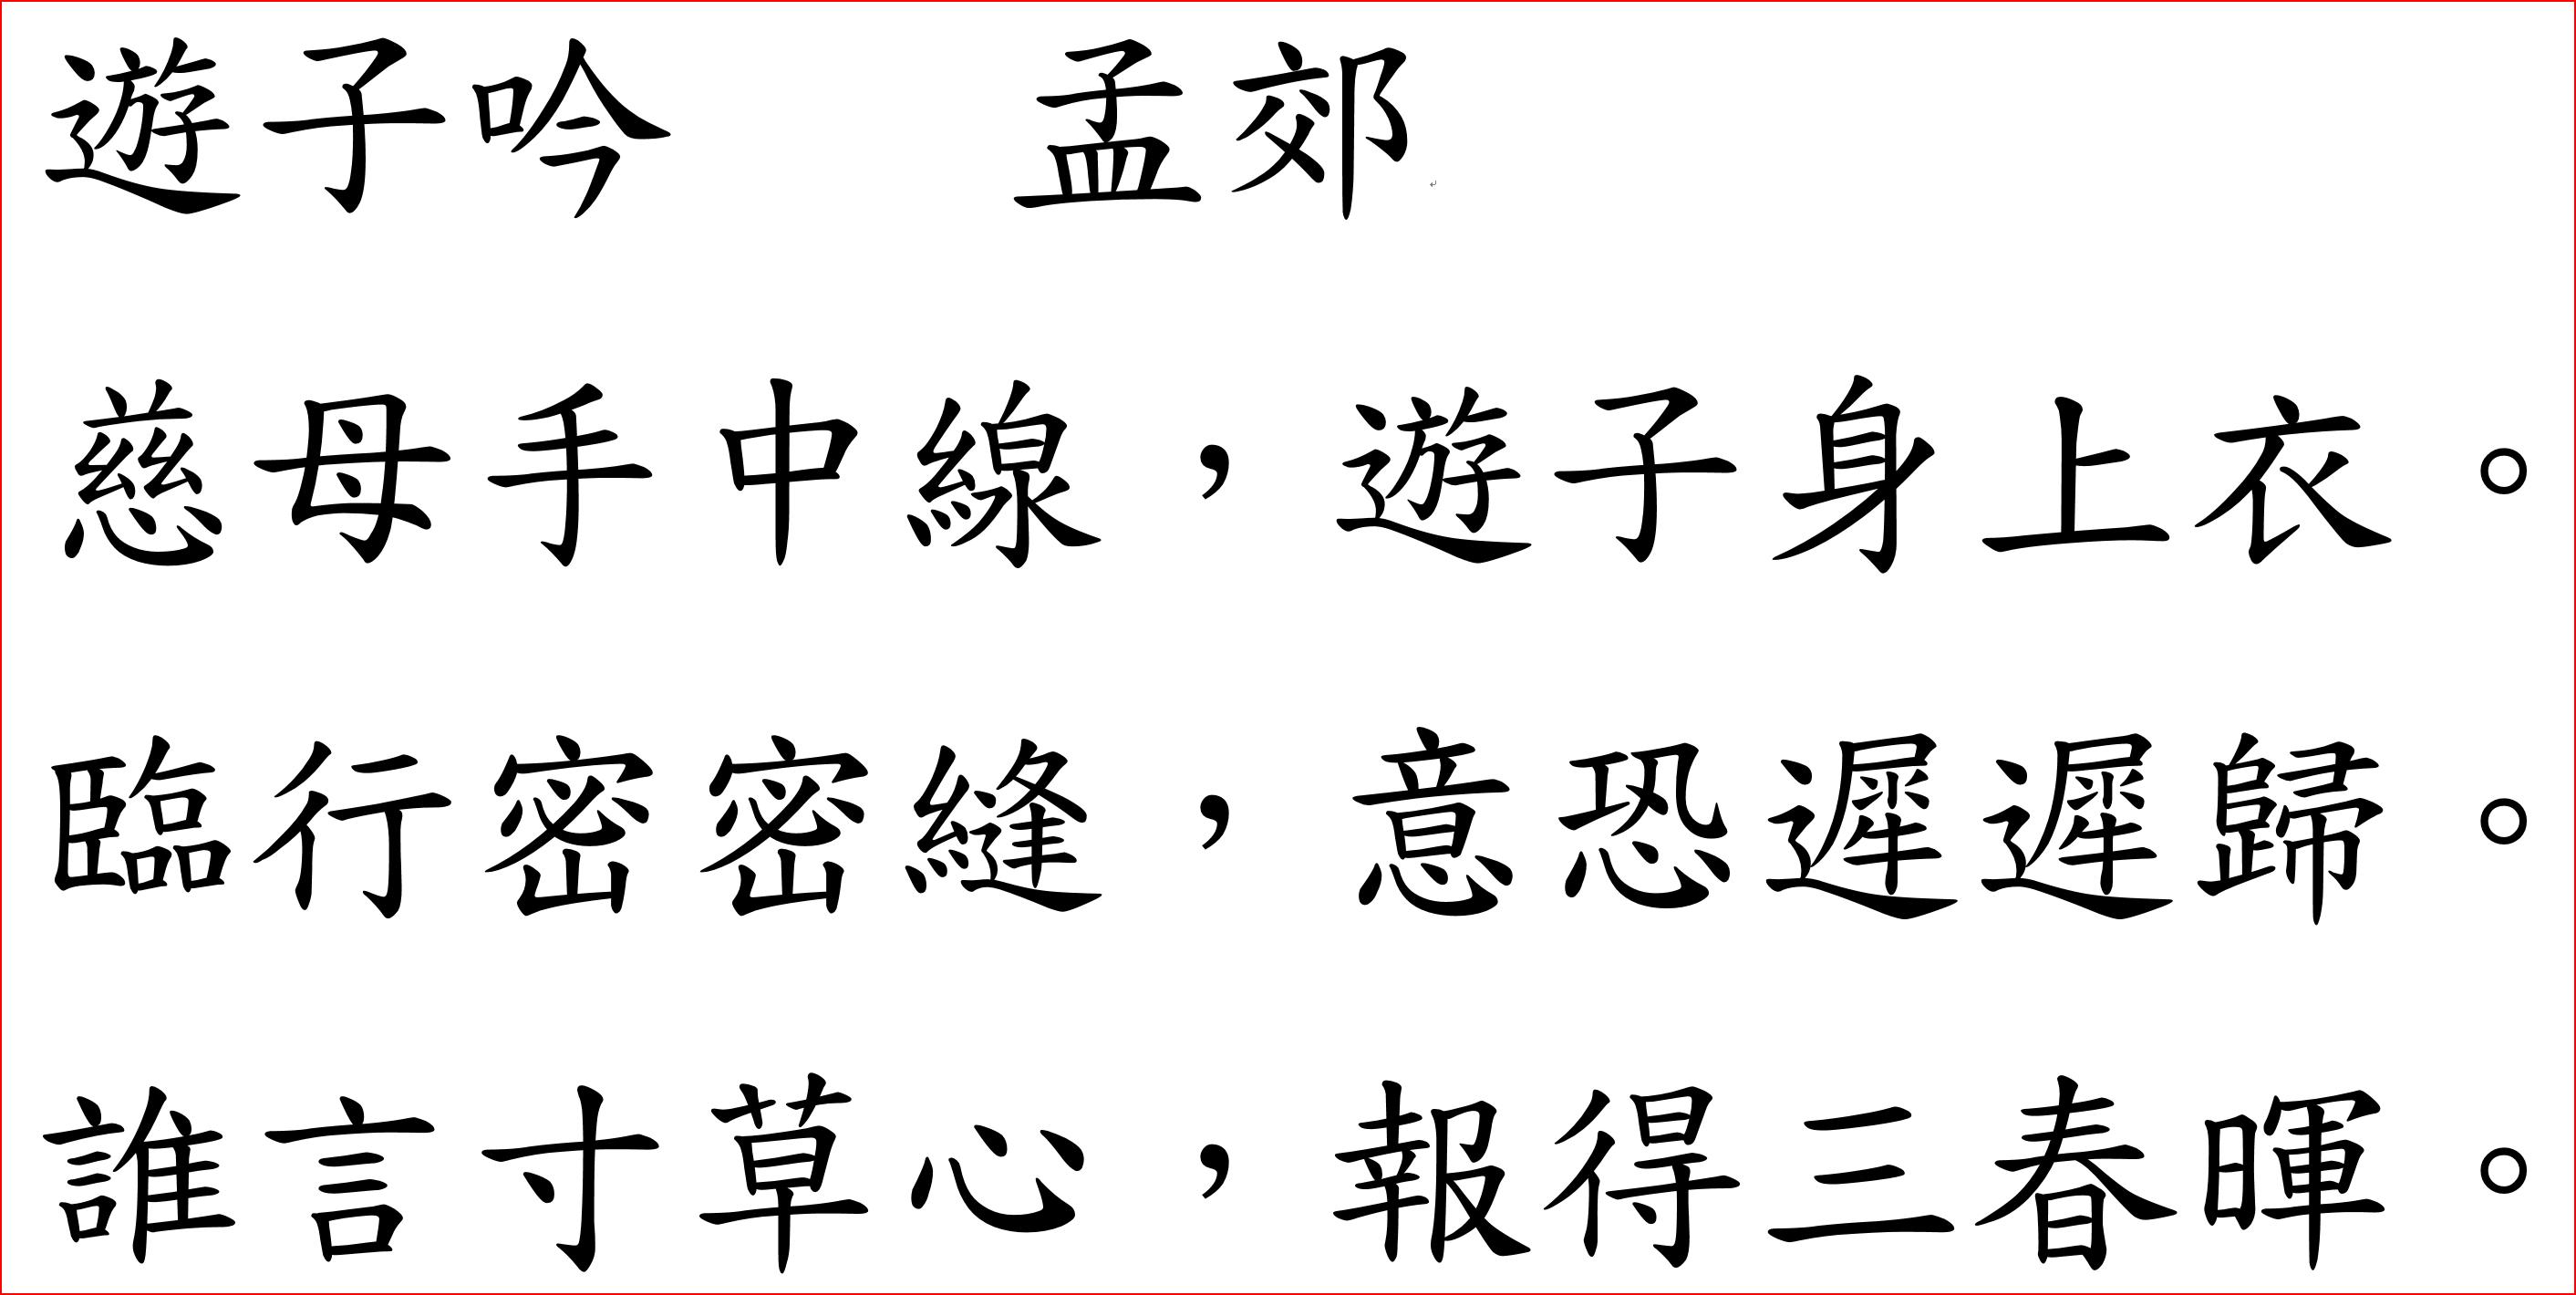 巜游子吟》诗词繁体字怎么写?